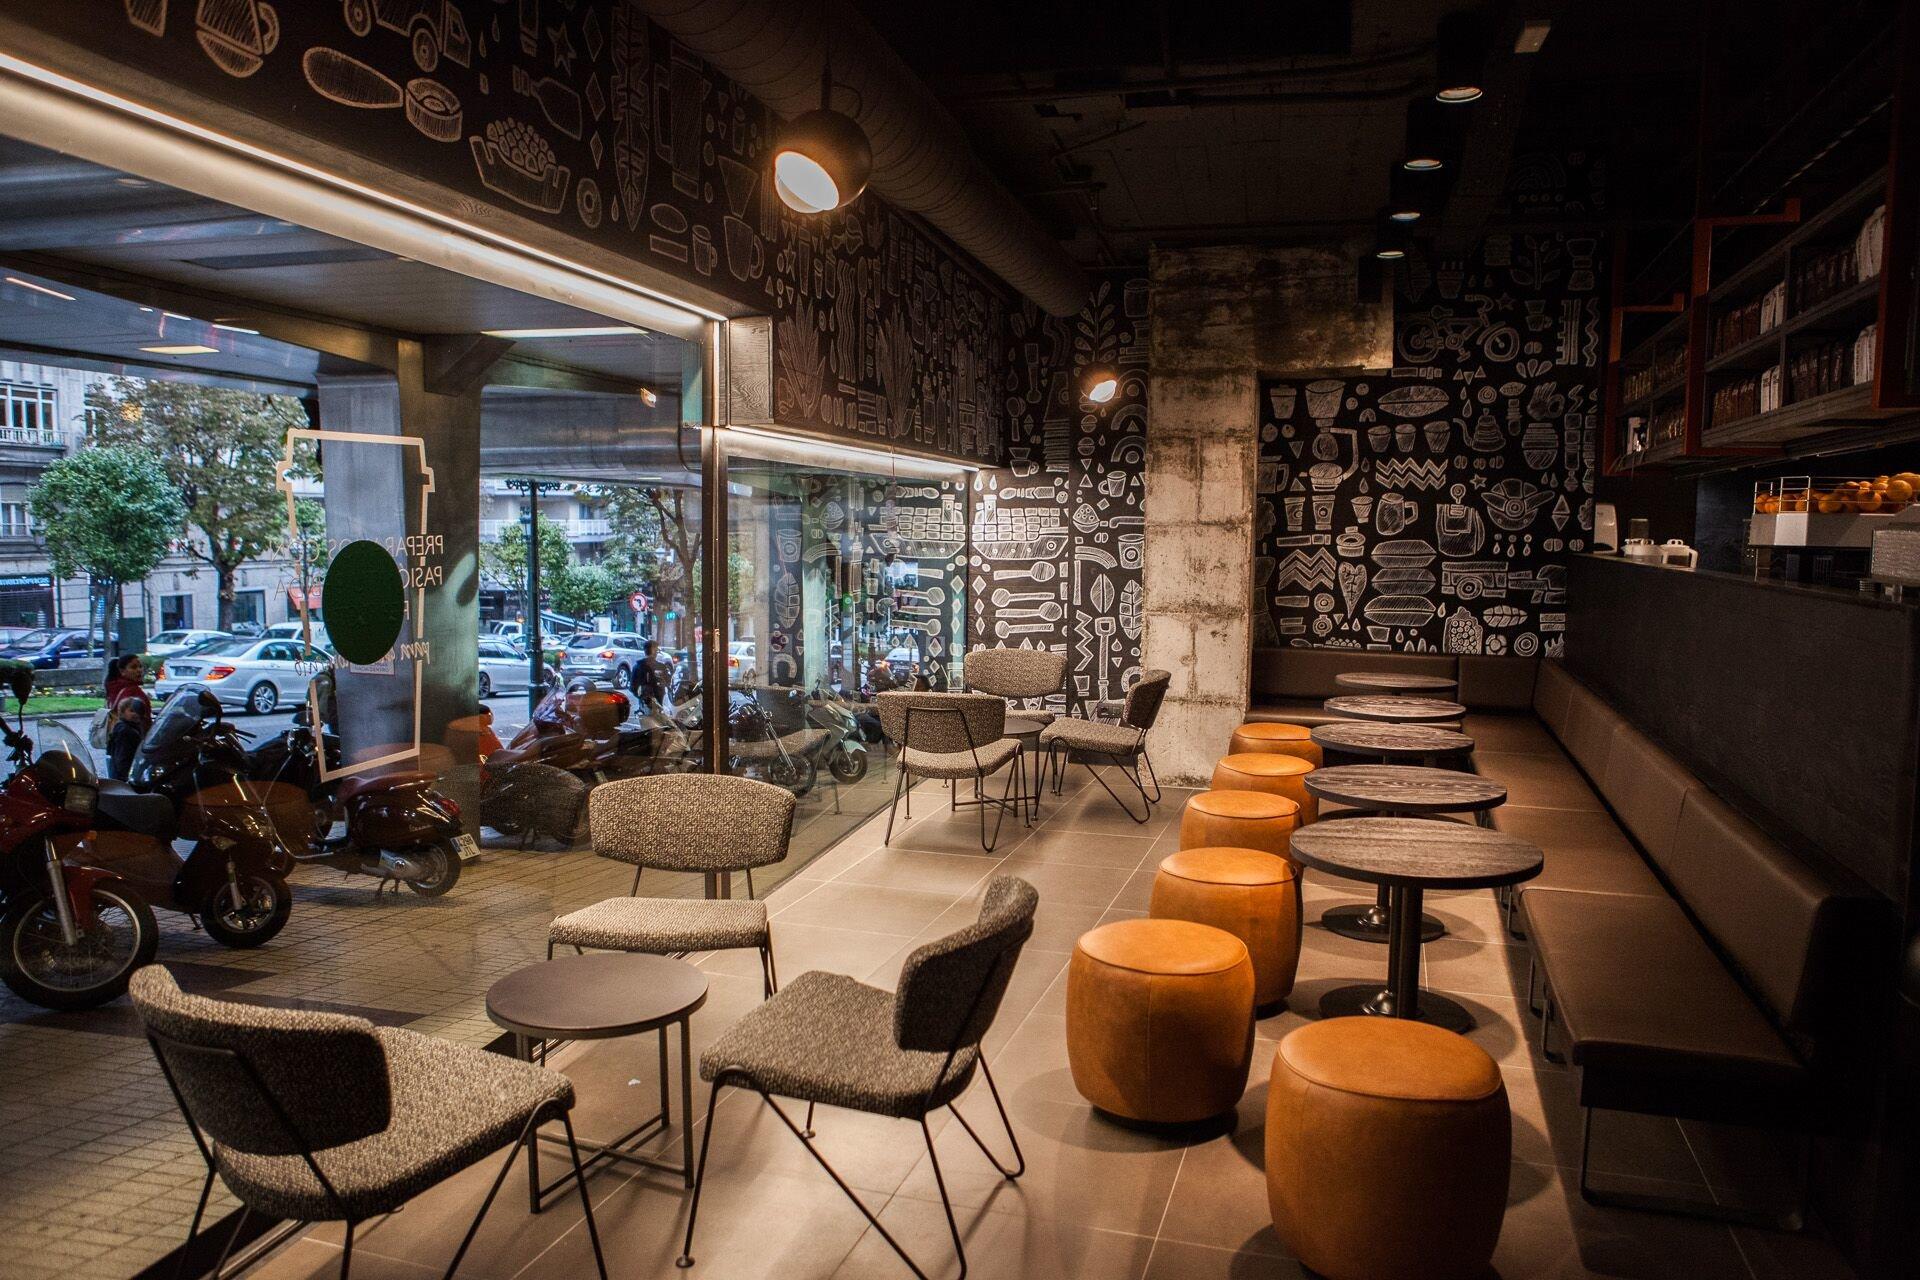 Starbucks inaugura su primera tienda en vigo vigo for Portico vigo catalogo